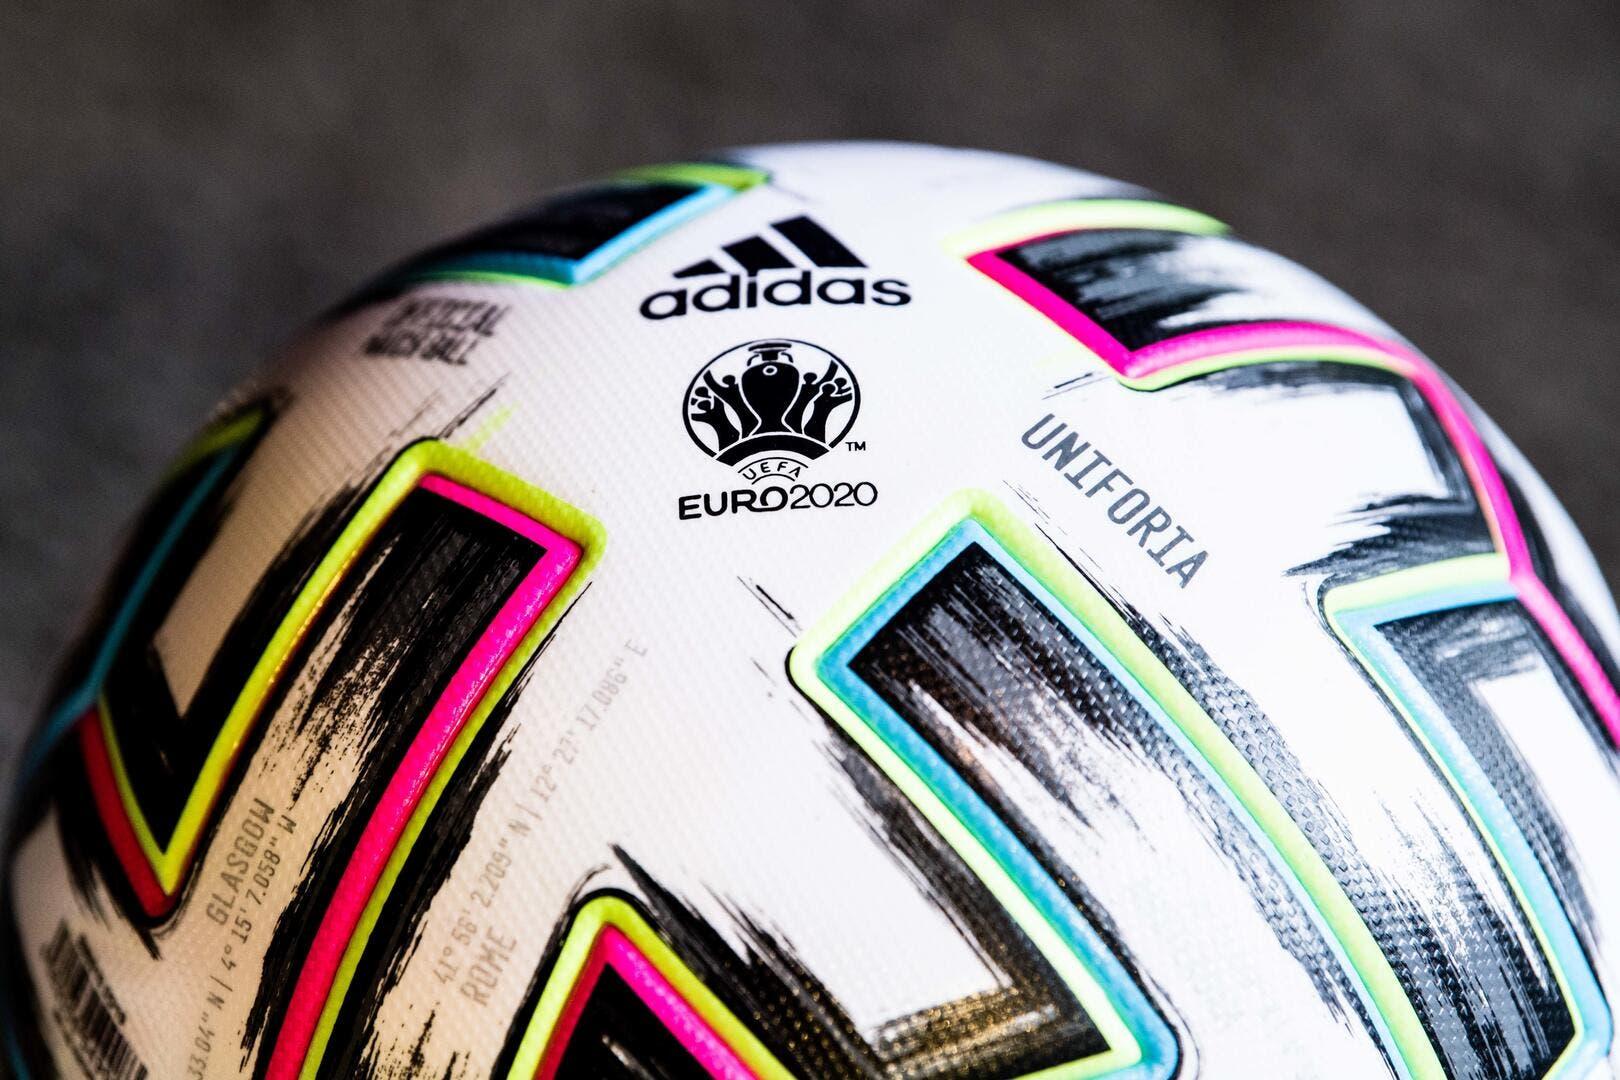 Football Coupe d'Europe - Coronavirus : Les Coupes d'Europe suspendues, l'Euro 2020 annulé ...